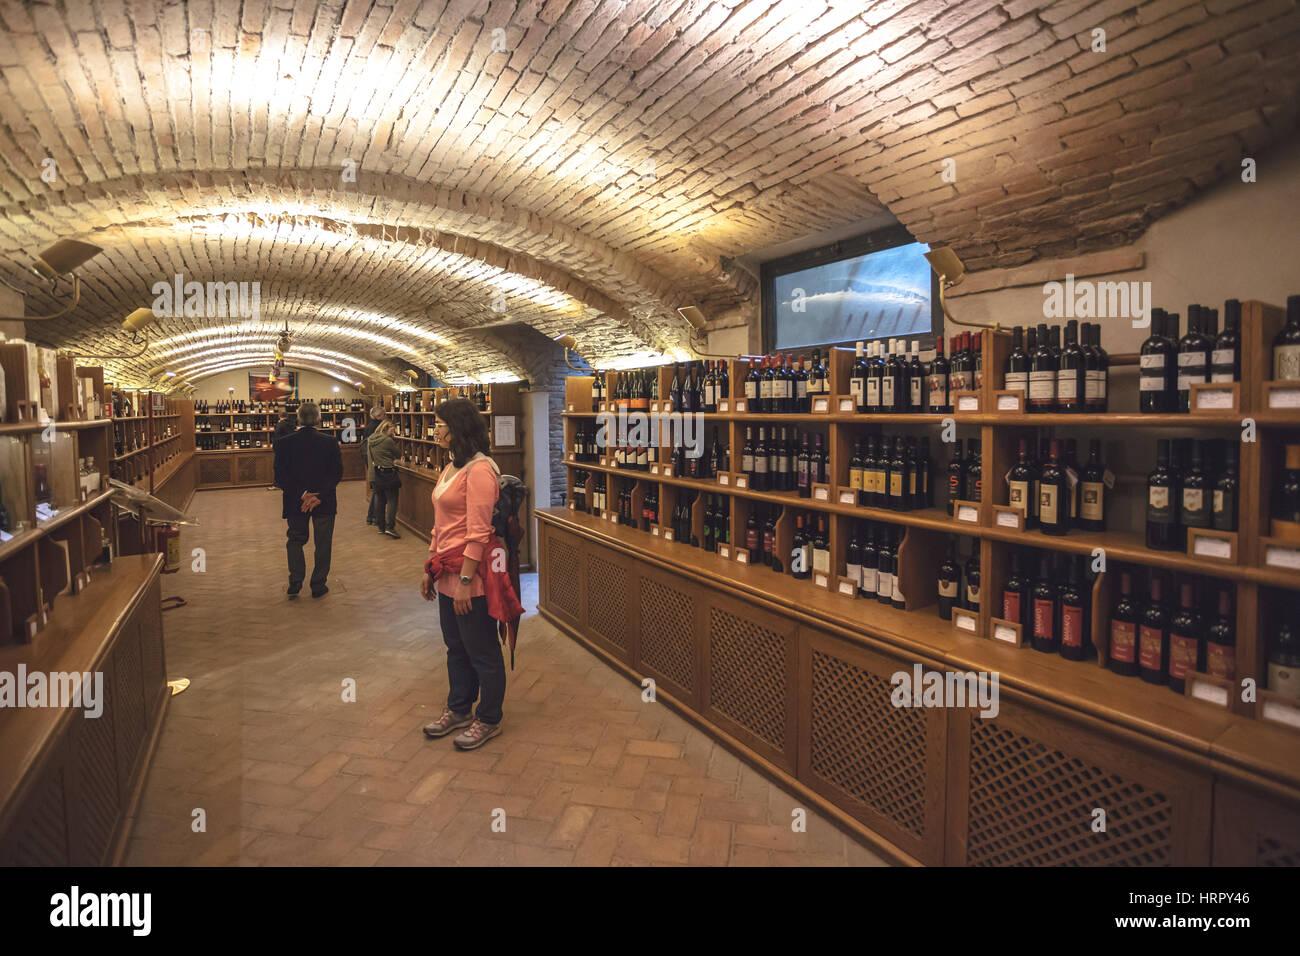 Dozza Italy Stockfotos & Dozza Italy Bilder - Alamy